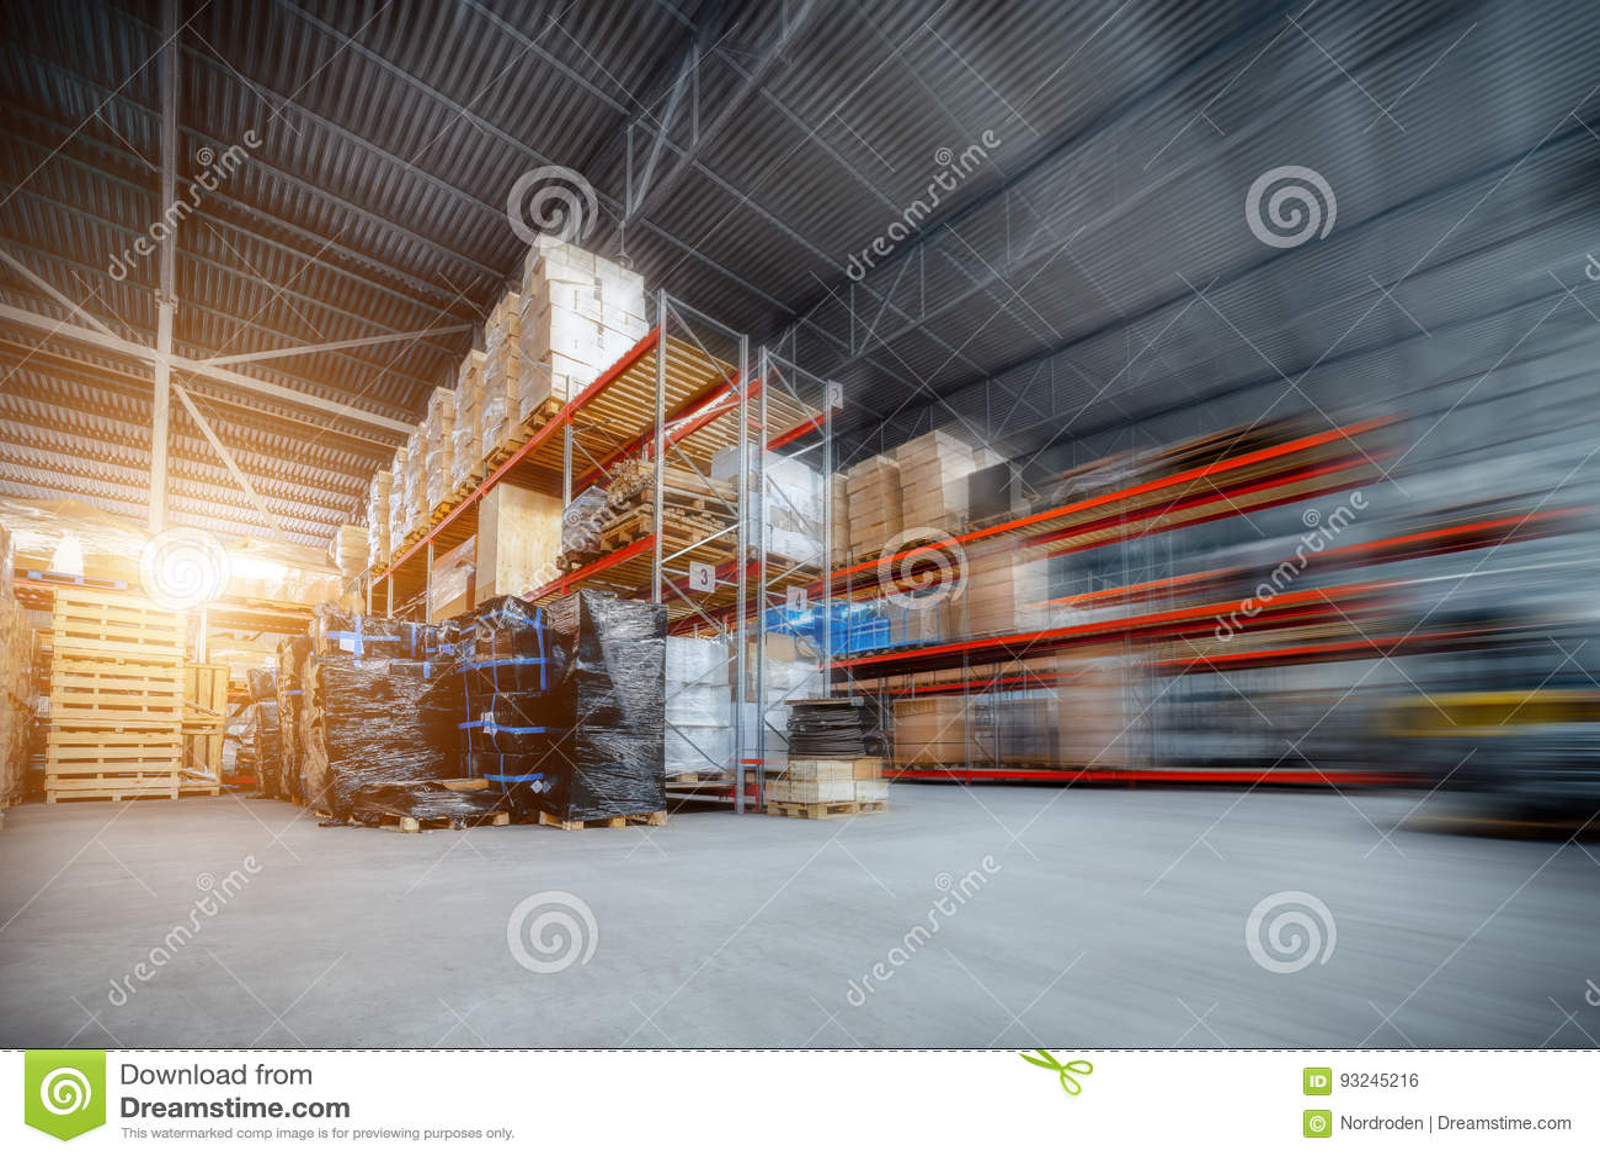 Grandi società di industriale e di logistica del magazzino del capannone